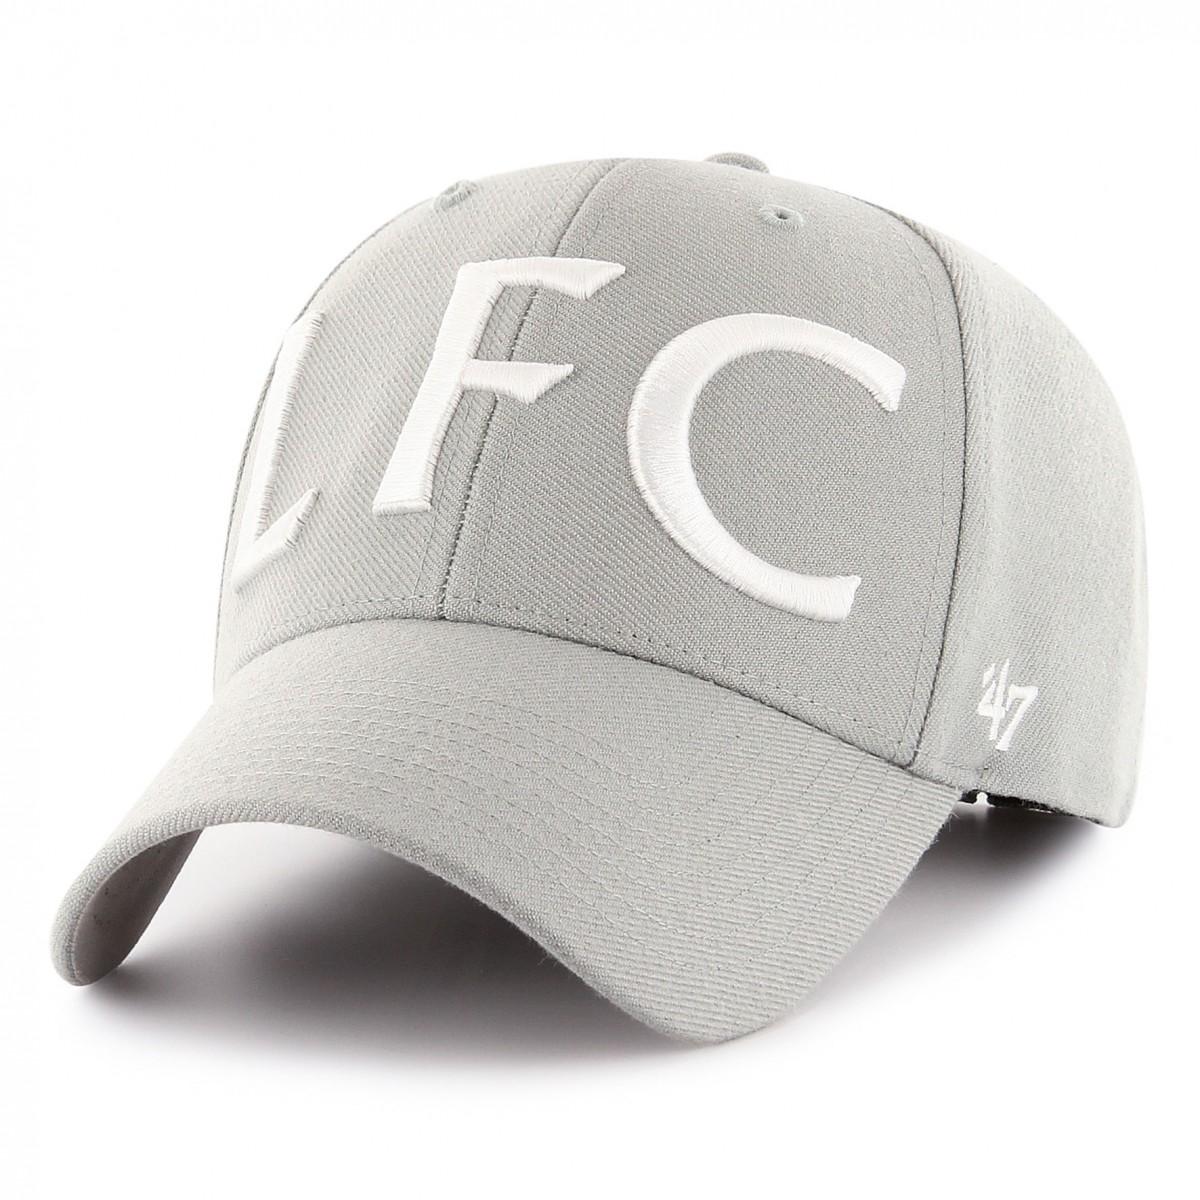 หมวกแก็ปลิเวอร์พูล แบรนด์47 ของแท้ Mens Grey '47 Script Cap